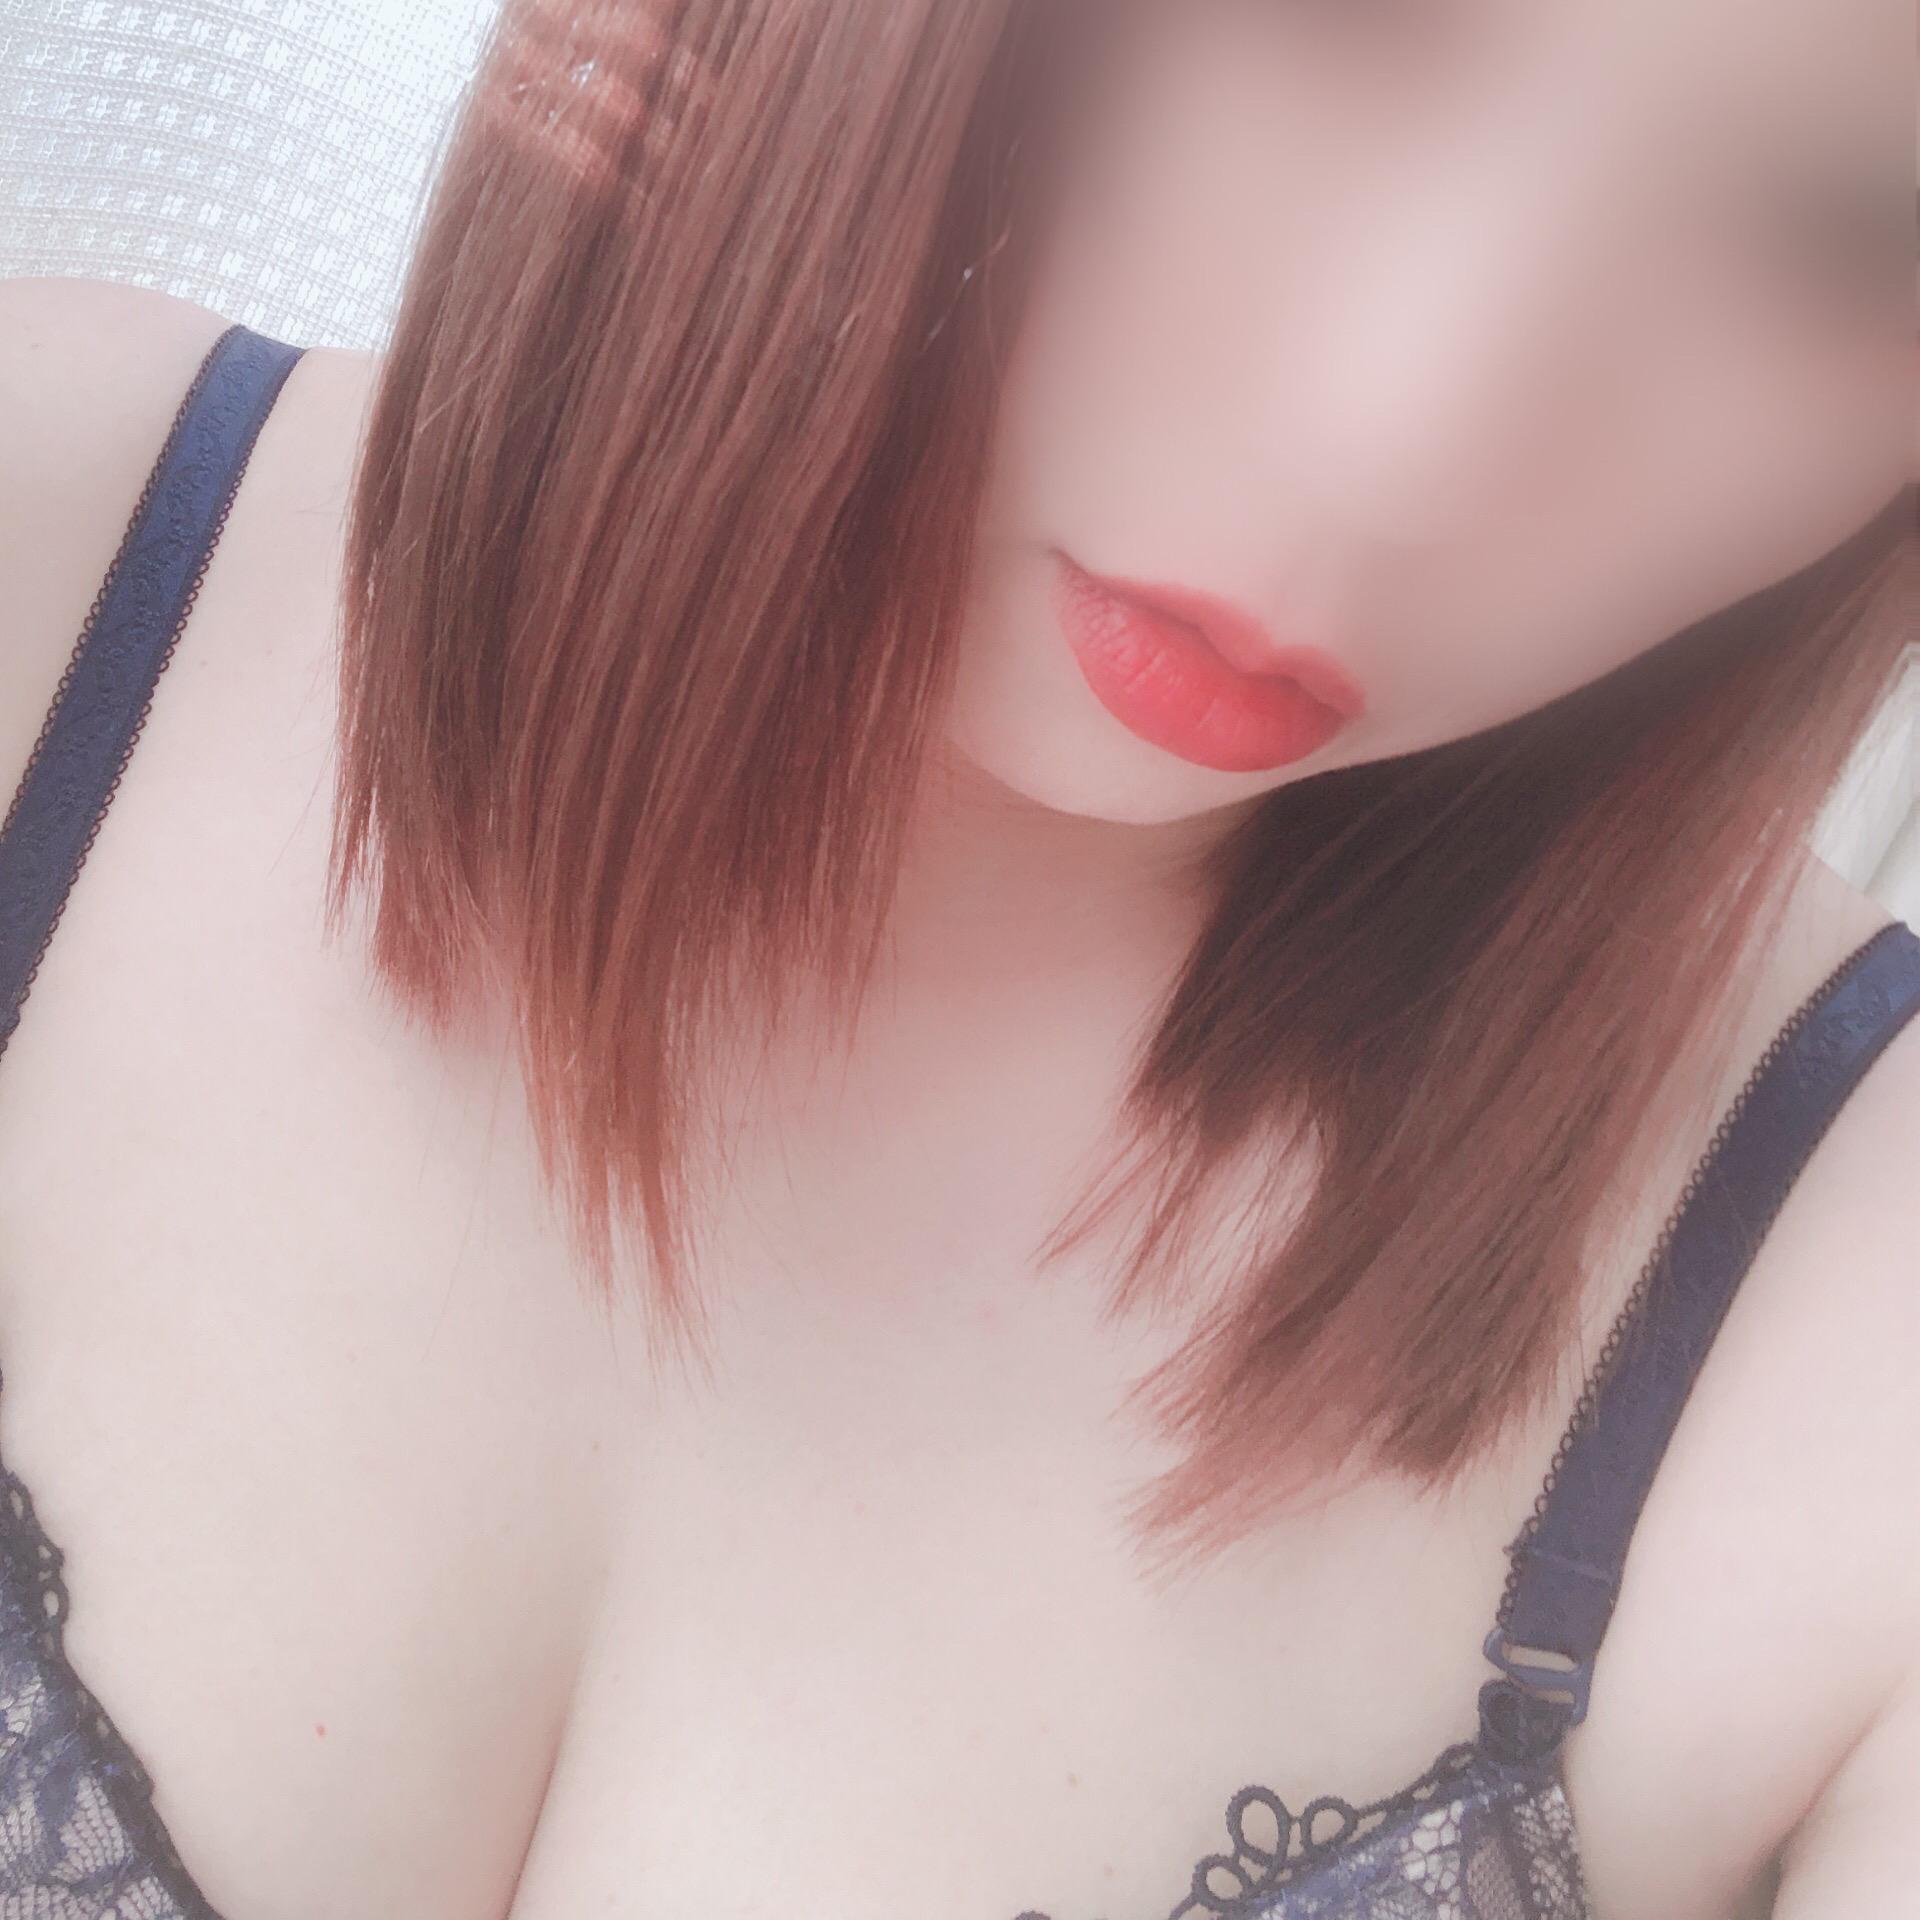 「こんばんは( ⁎ᵕᴗᵕ⁎ )」02/25(02/25) 19:40 | さやかの写メ・風俗動画